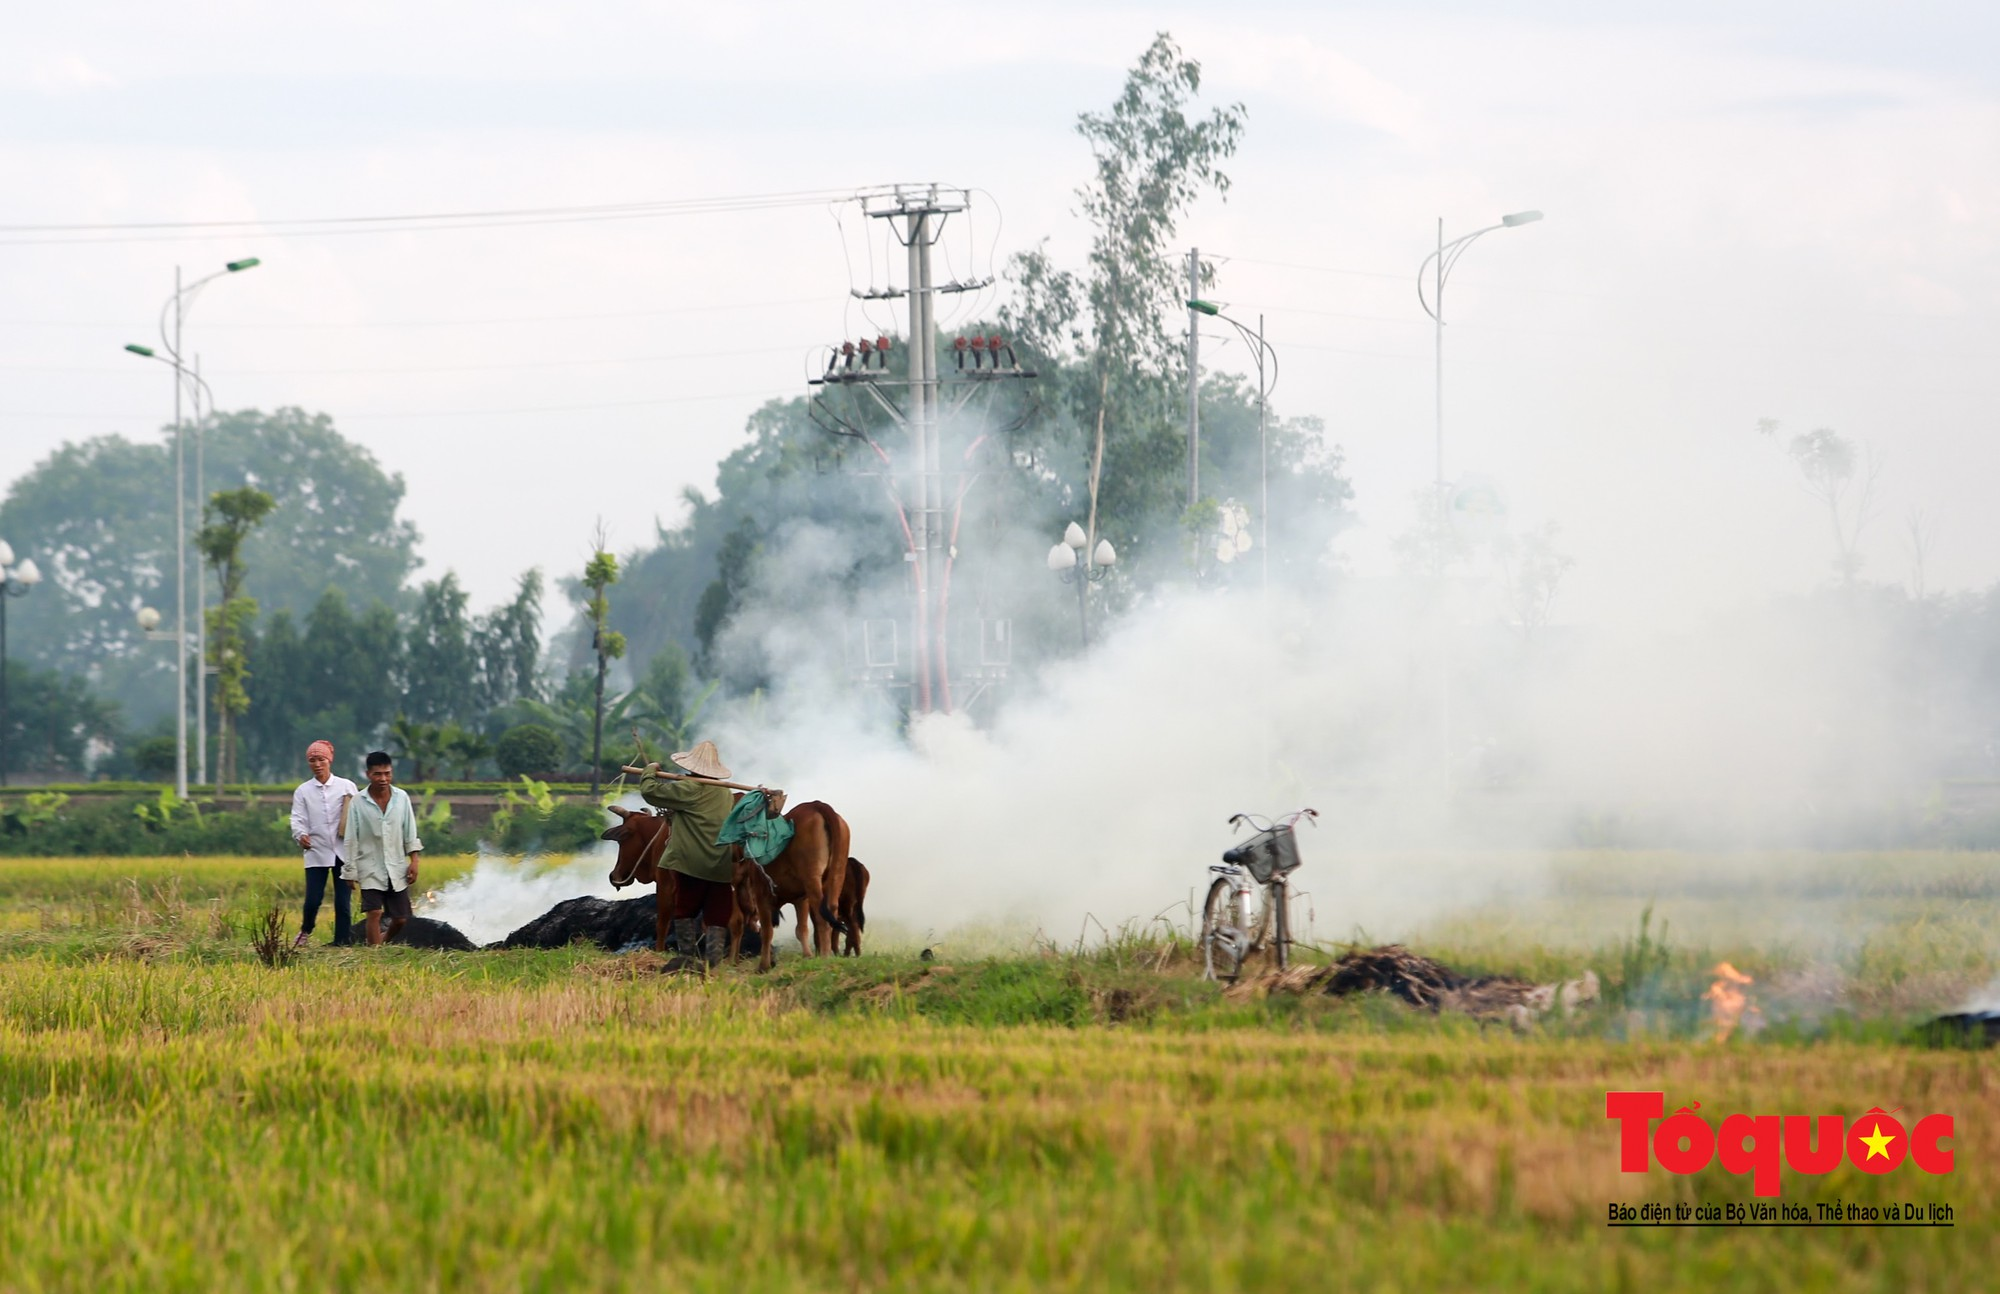 Nông dân ngoại thành vô tình khiến nội thành Hà Nội có một lớp sương mờ12